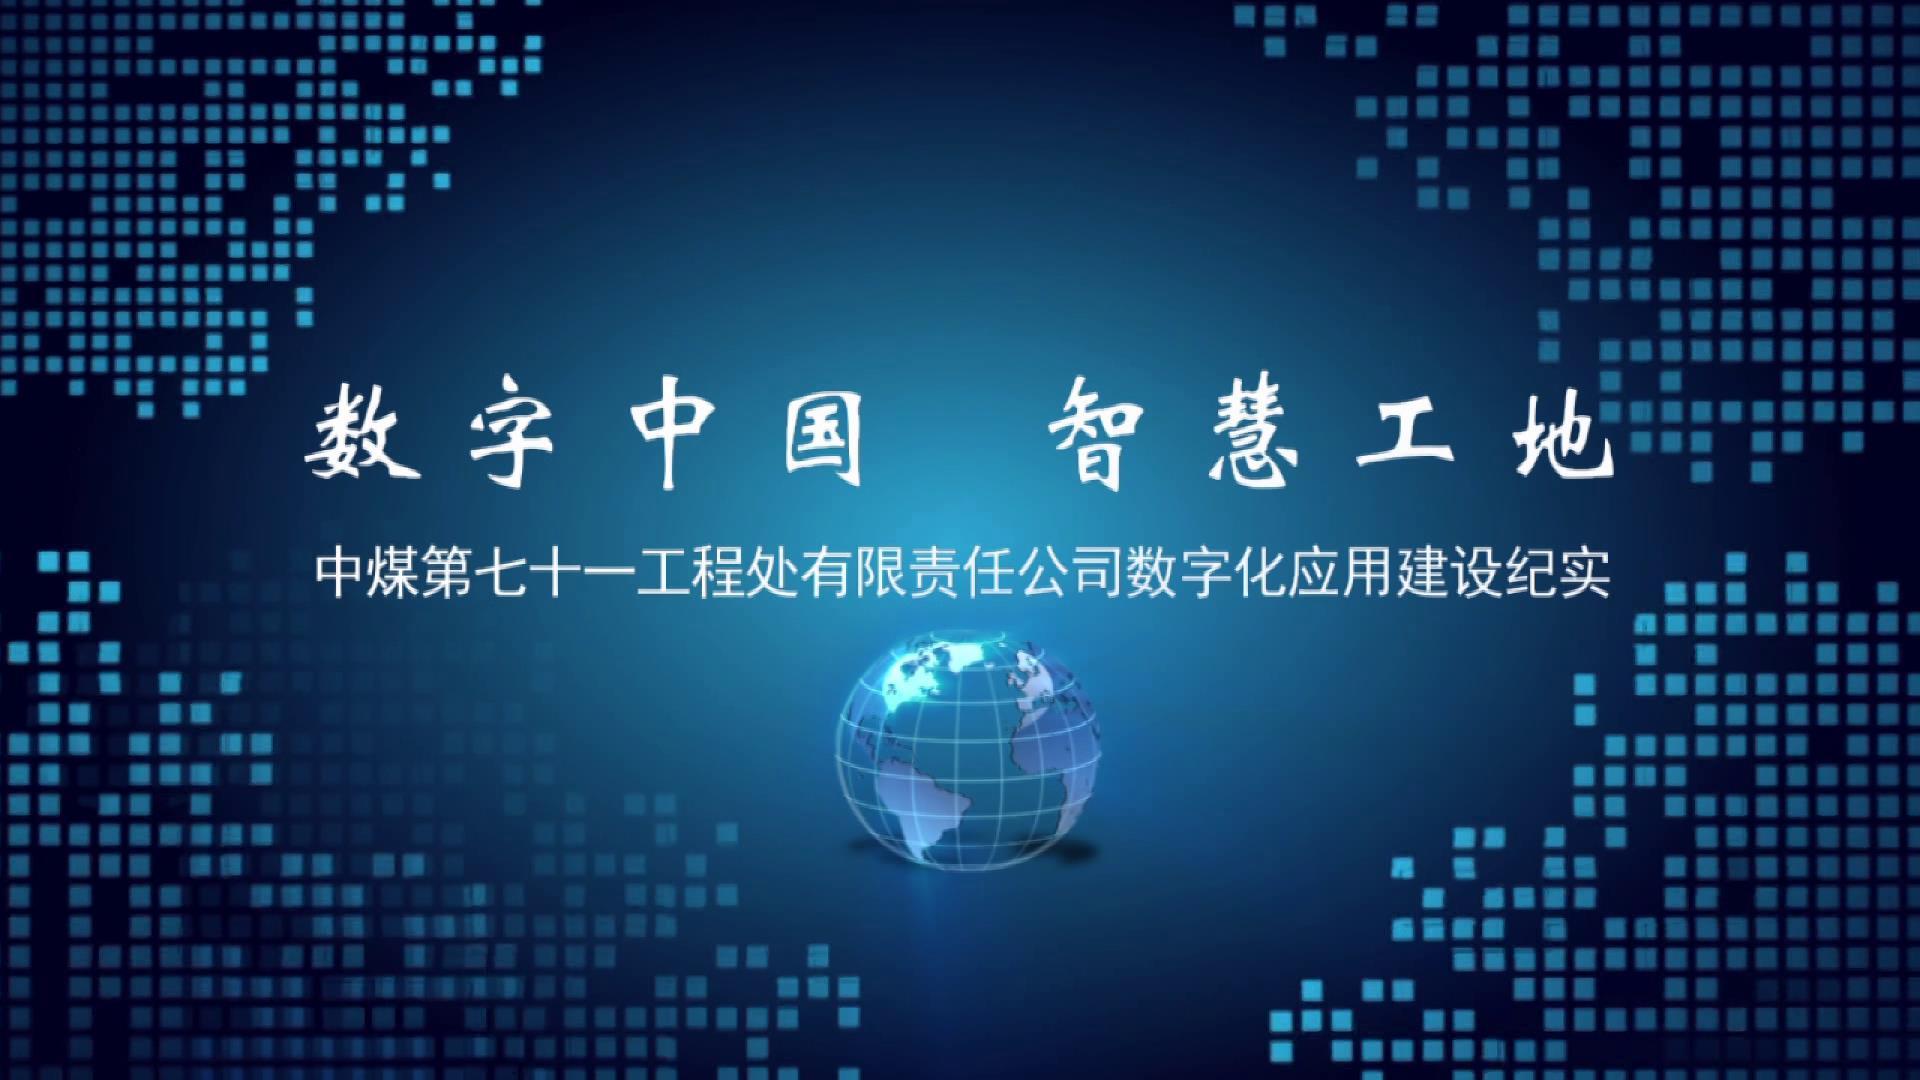 中煤第七十一工程处有限责任公司数字化应用建设纪实